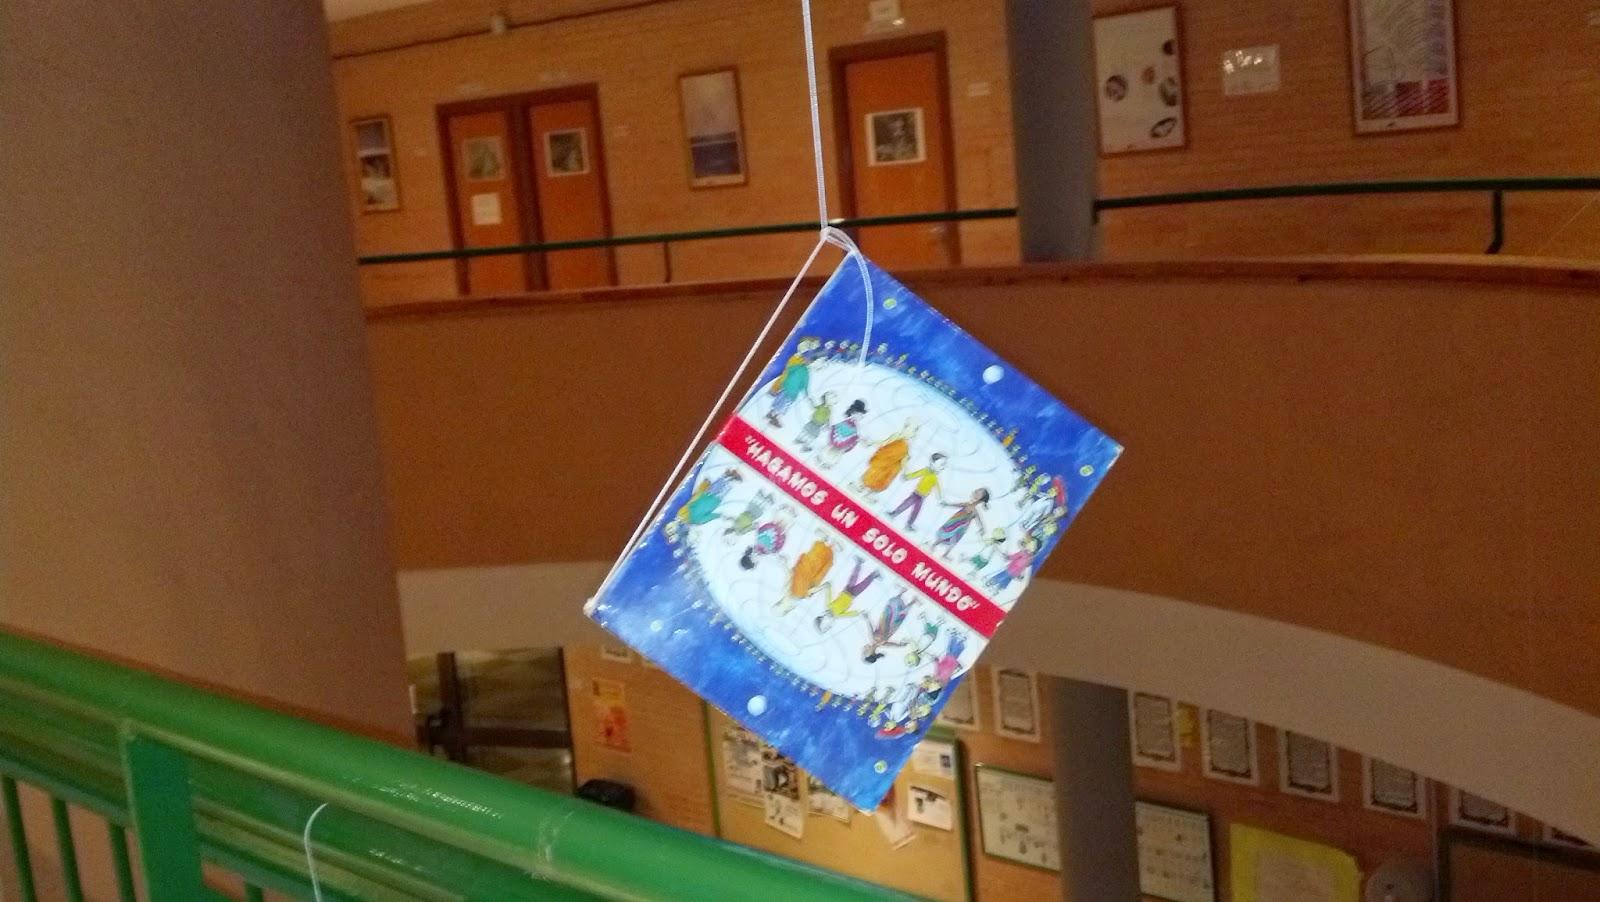 2014-12-15_19-00-02_852.jpg